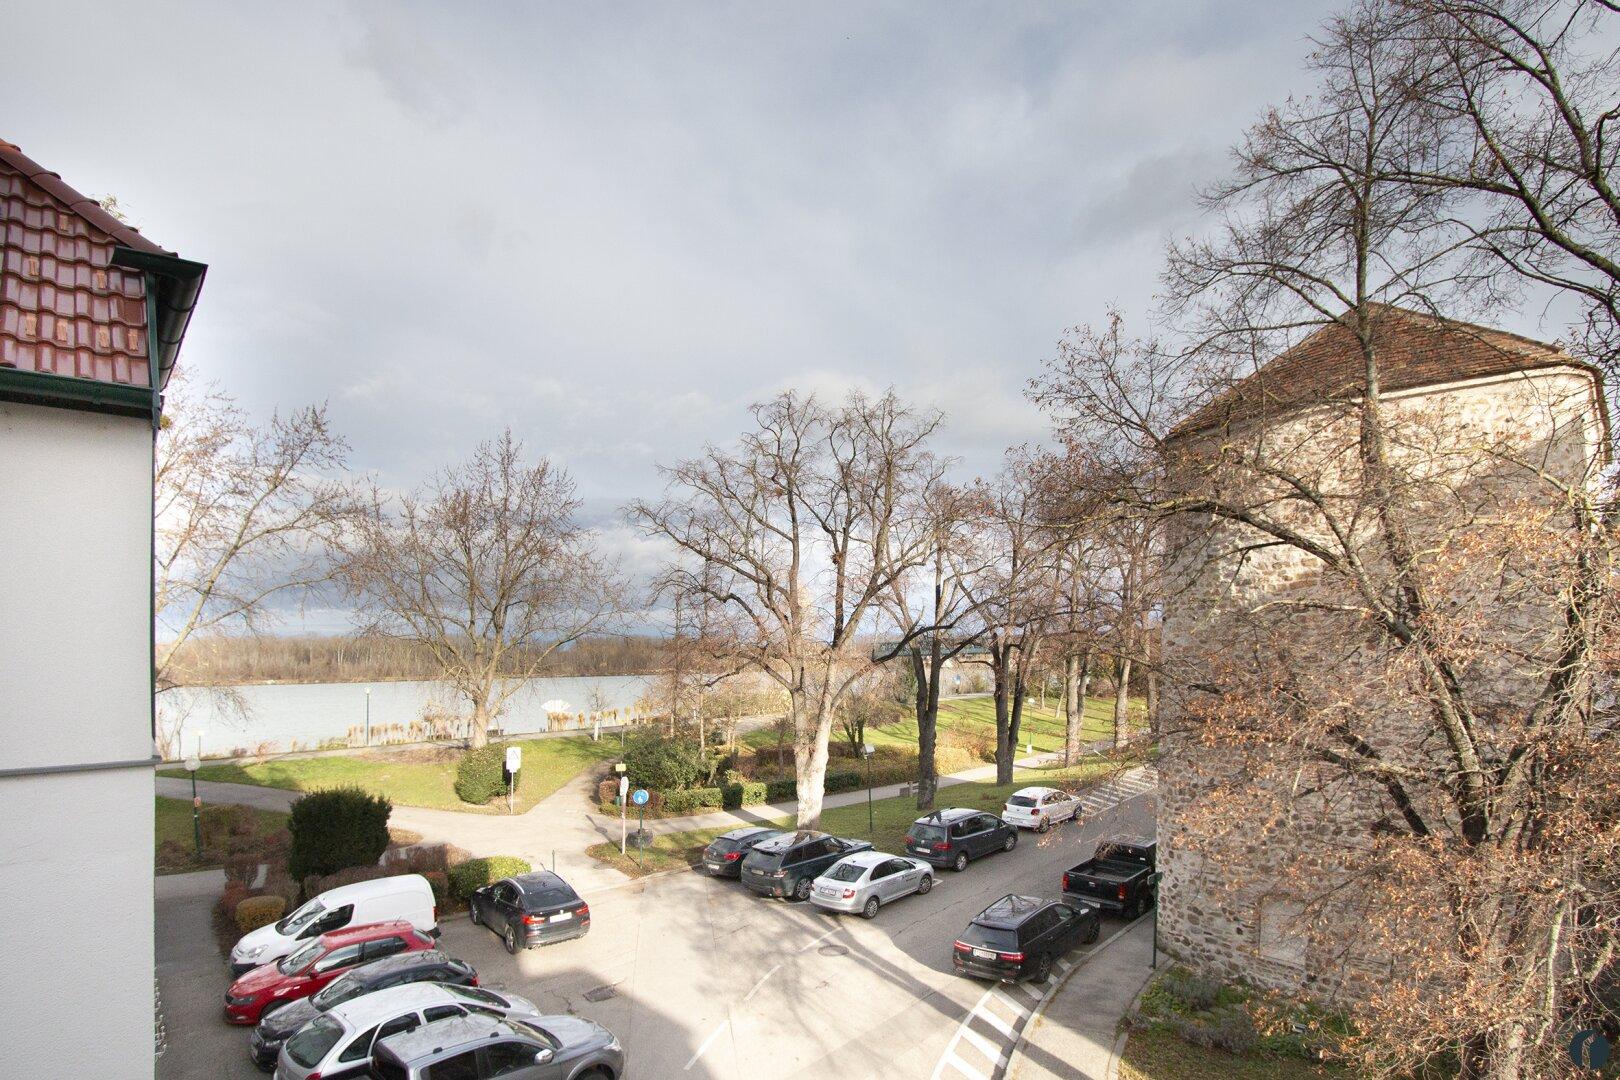 Lage an der Donau